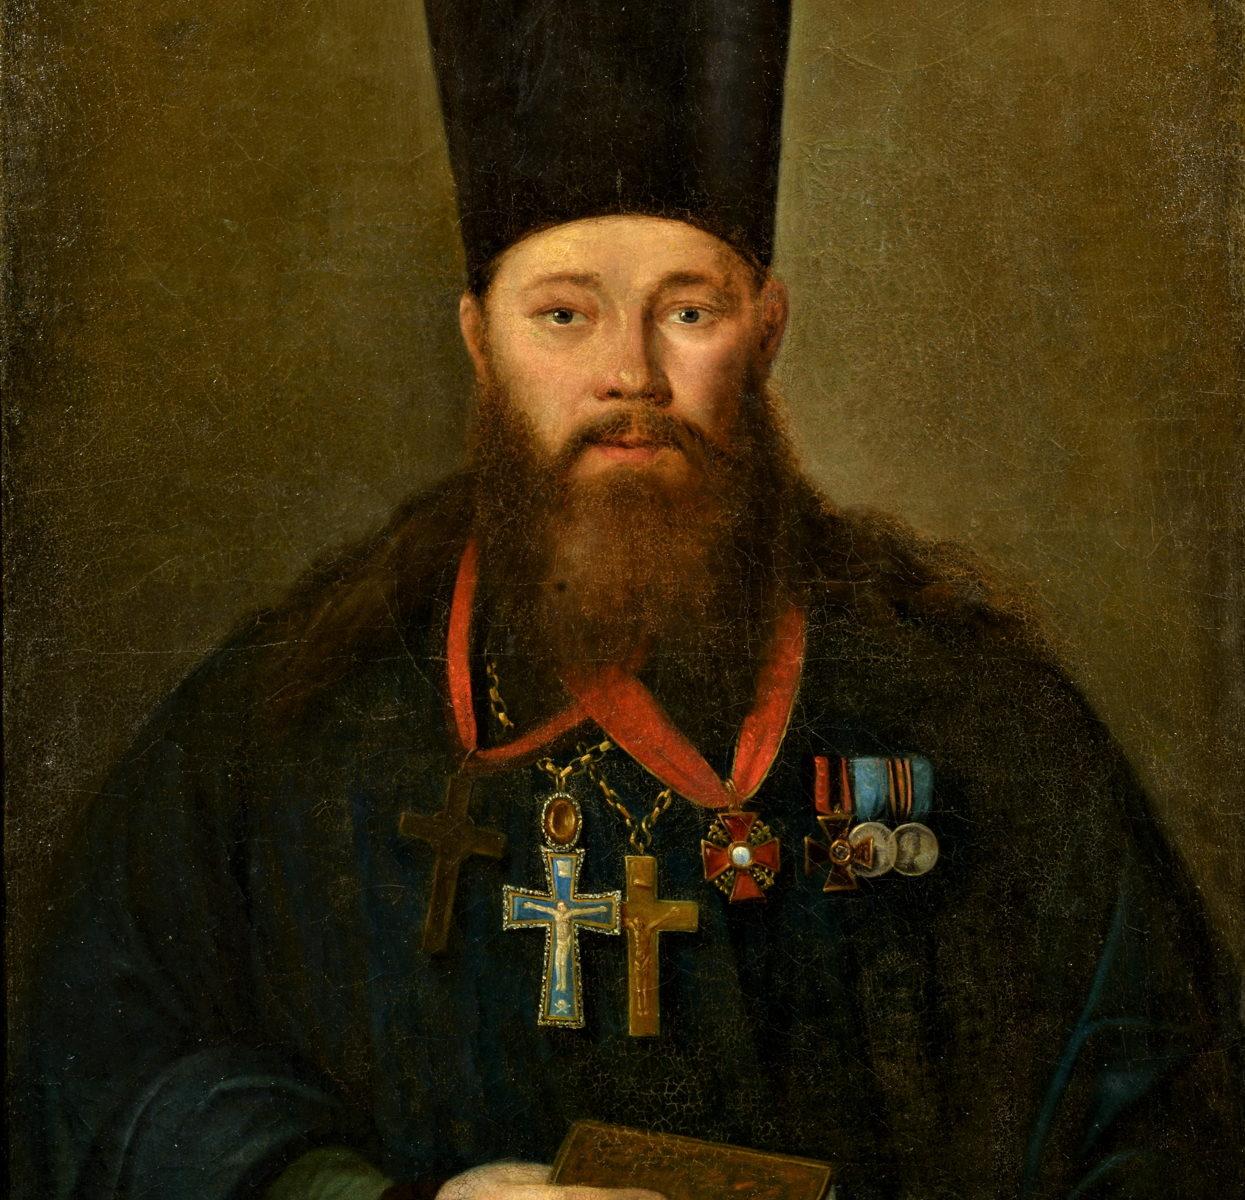 Неизвестный художник. Портрет протоиерея Сицилинского Василия Яковлевича (1784-1867). 1839-1844 гг.